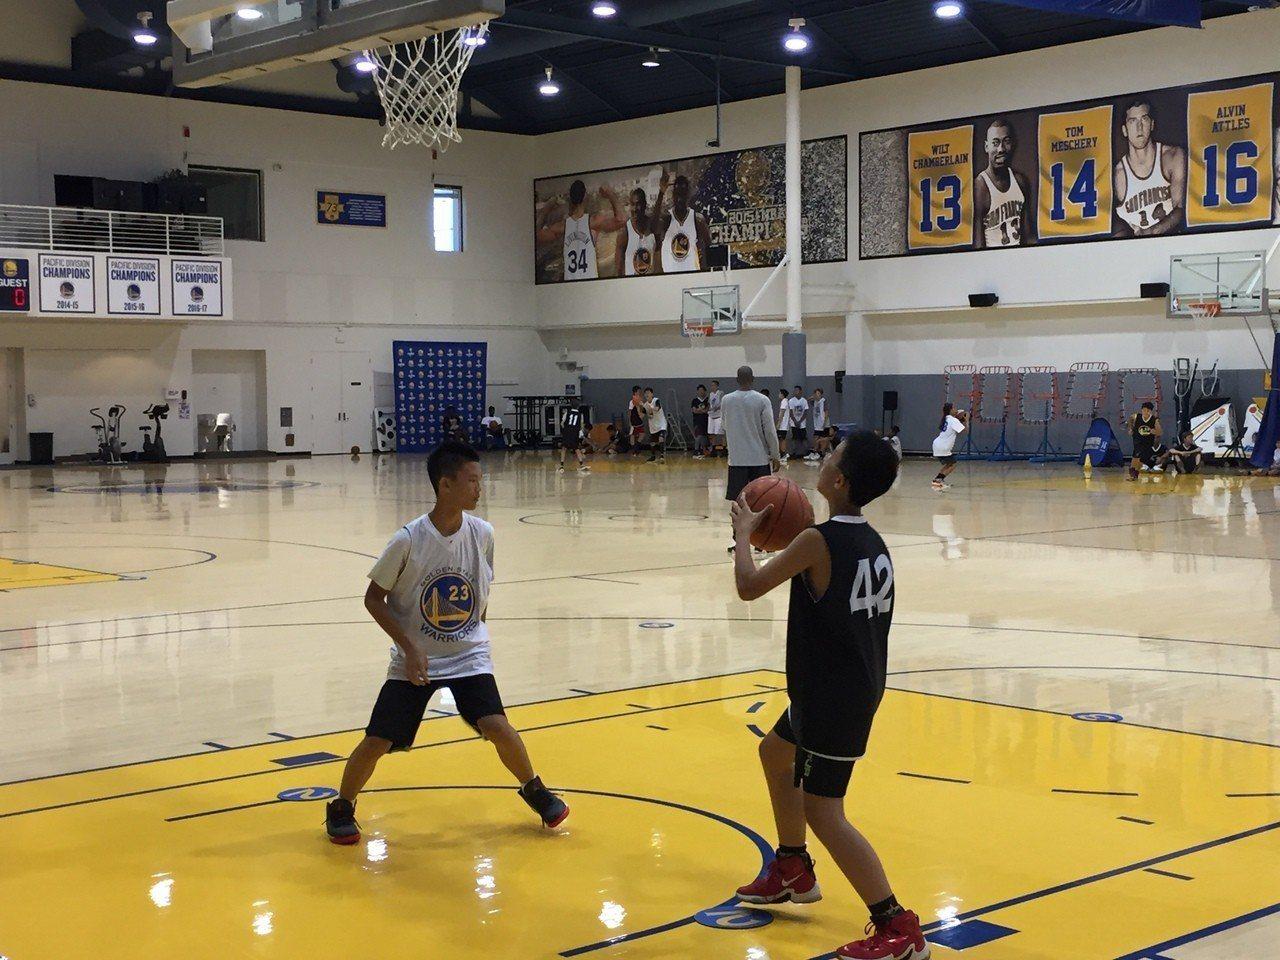 美國金州勇士籃球營學員與NBA球星在同一場地練球。圖/美國世界日報提供